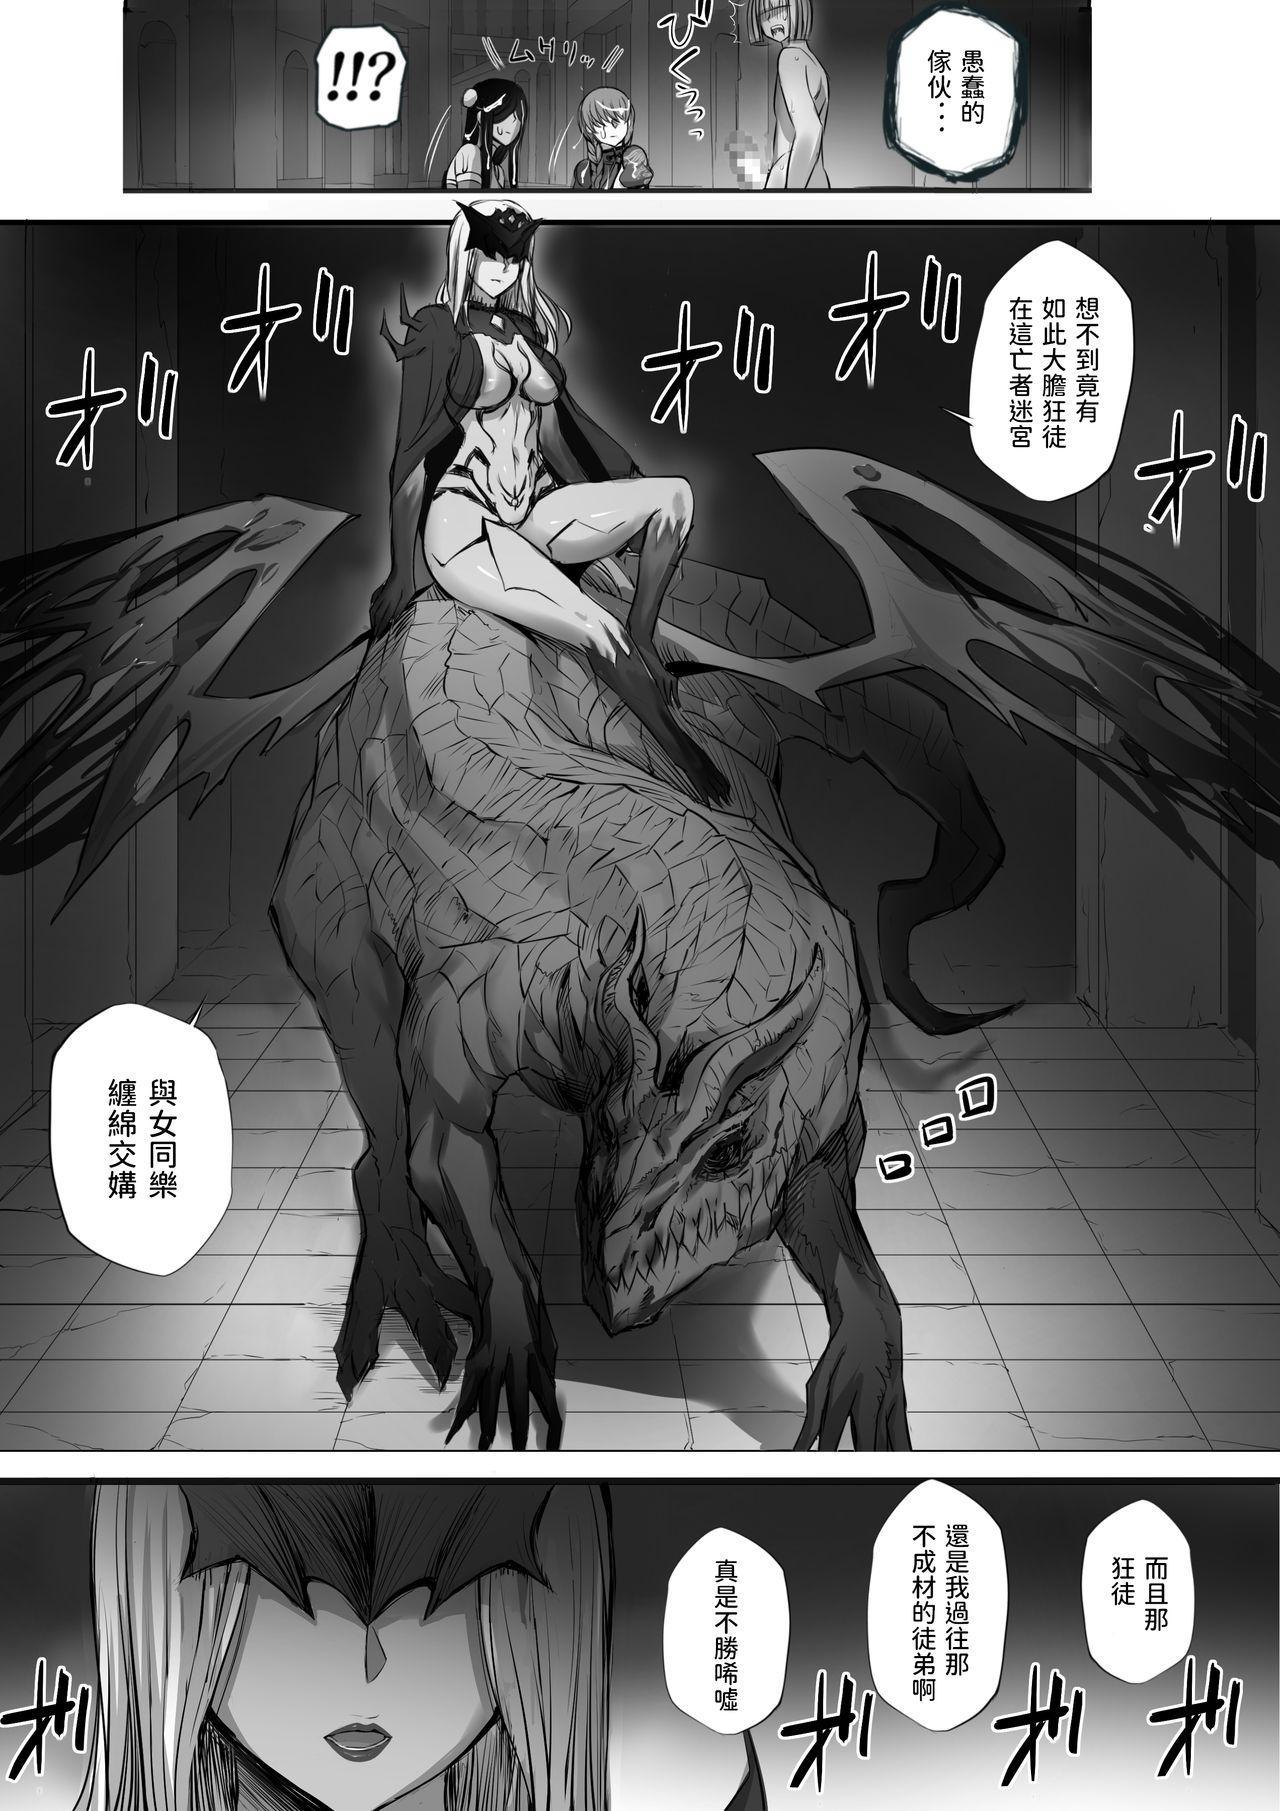 Meikyuu de Kakutou Musume no Shitai o Hirotte Jiangshi ni Shitemita Hanashi 2 41